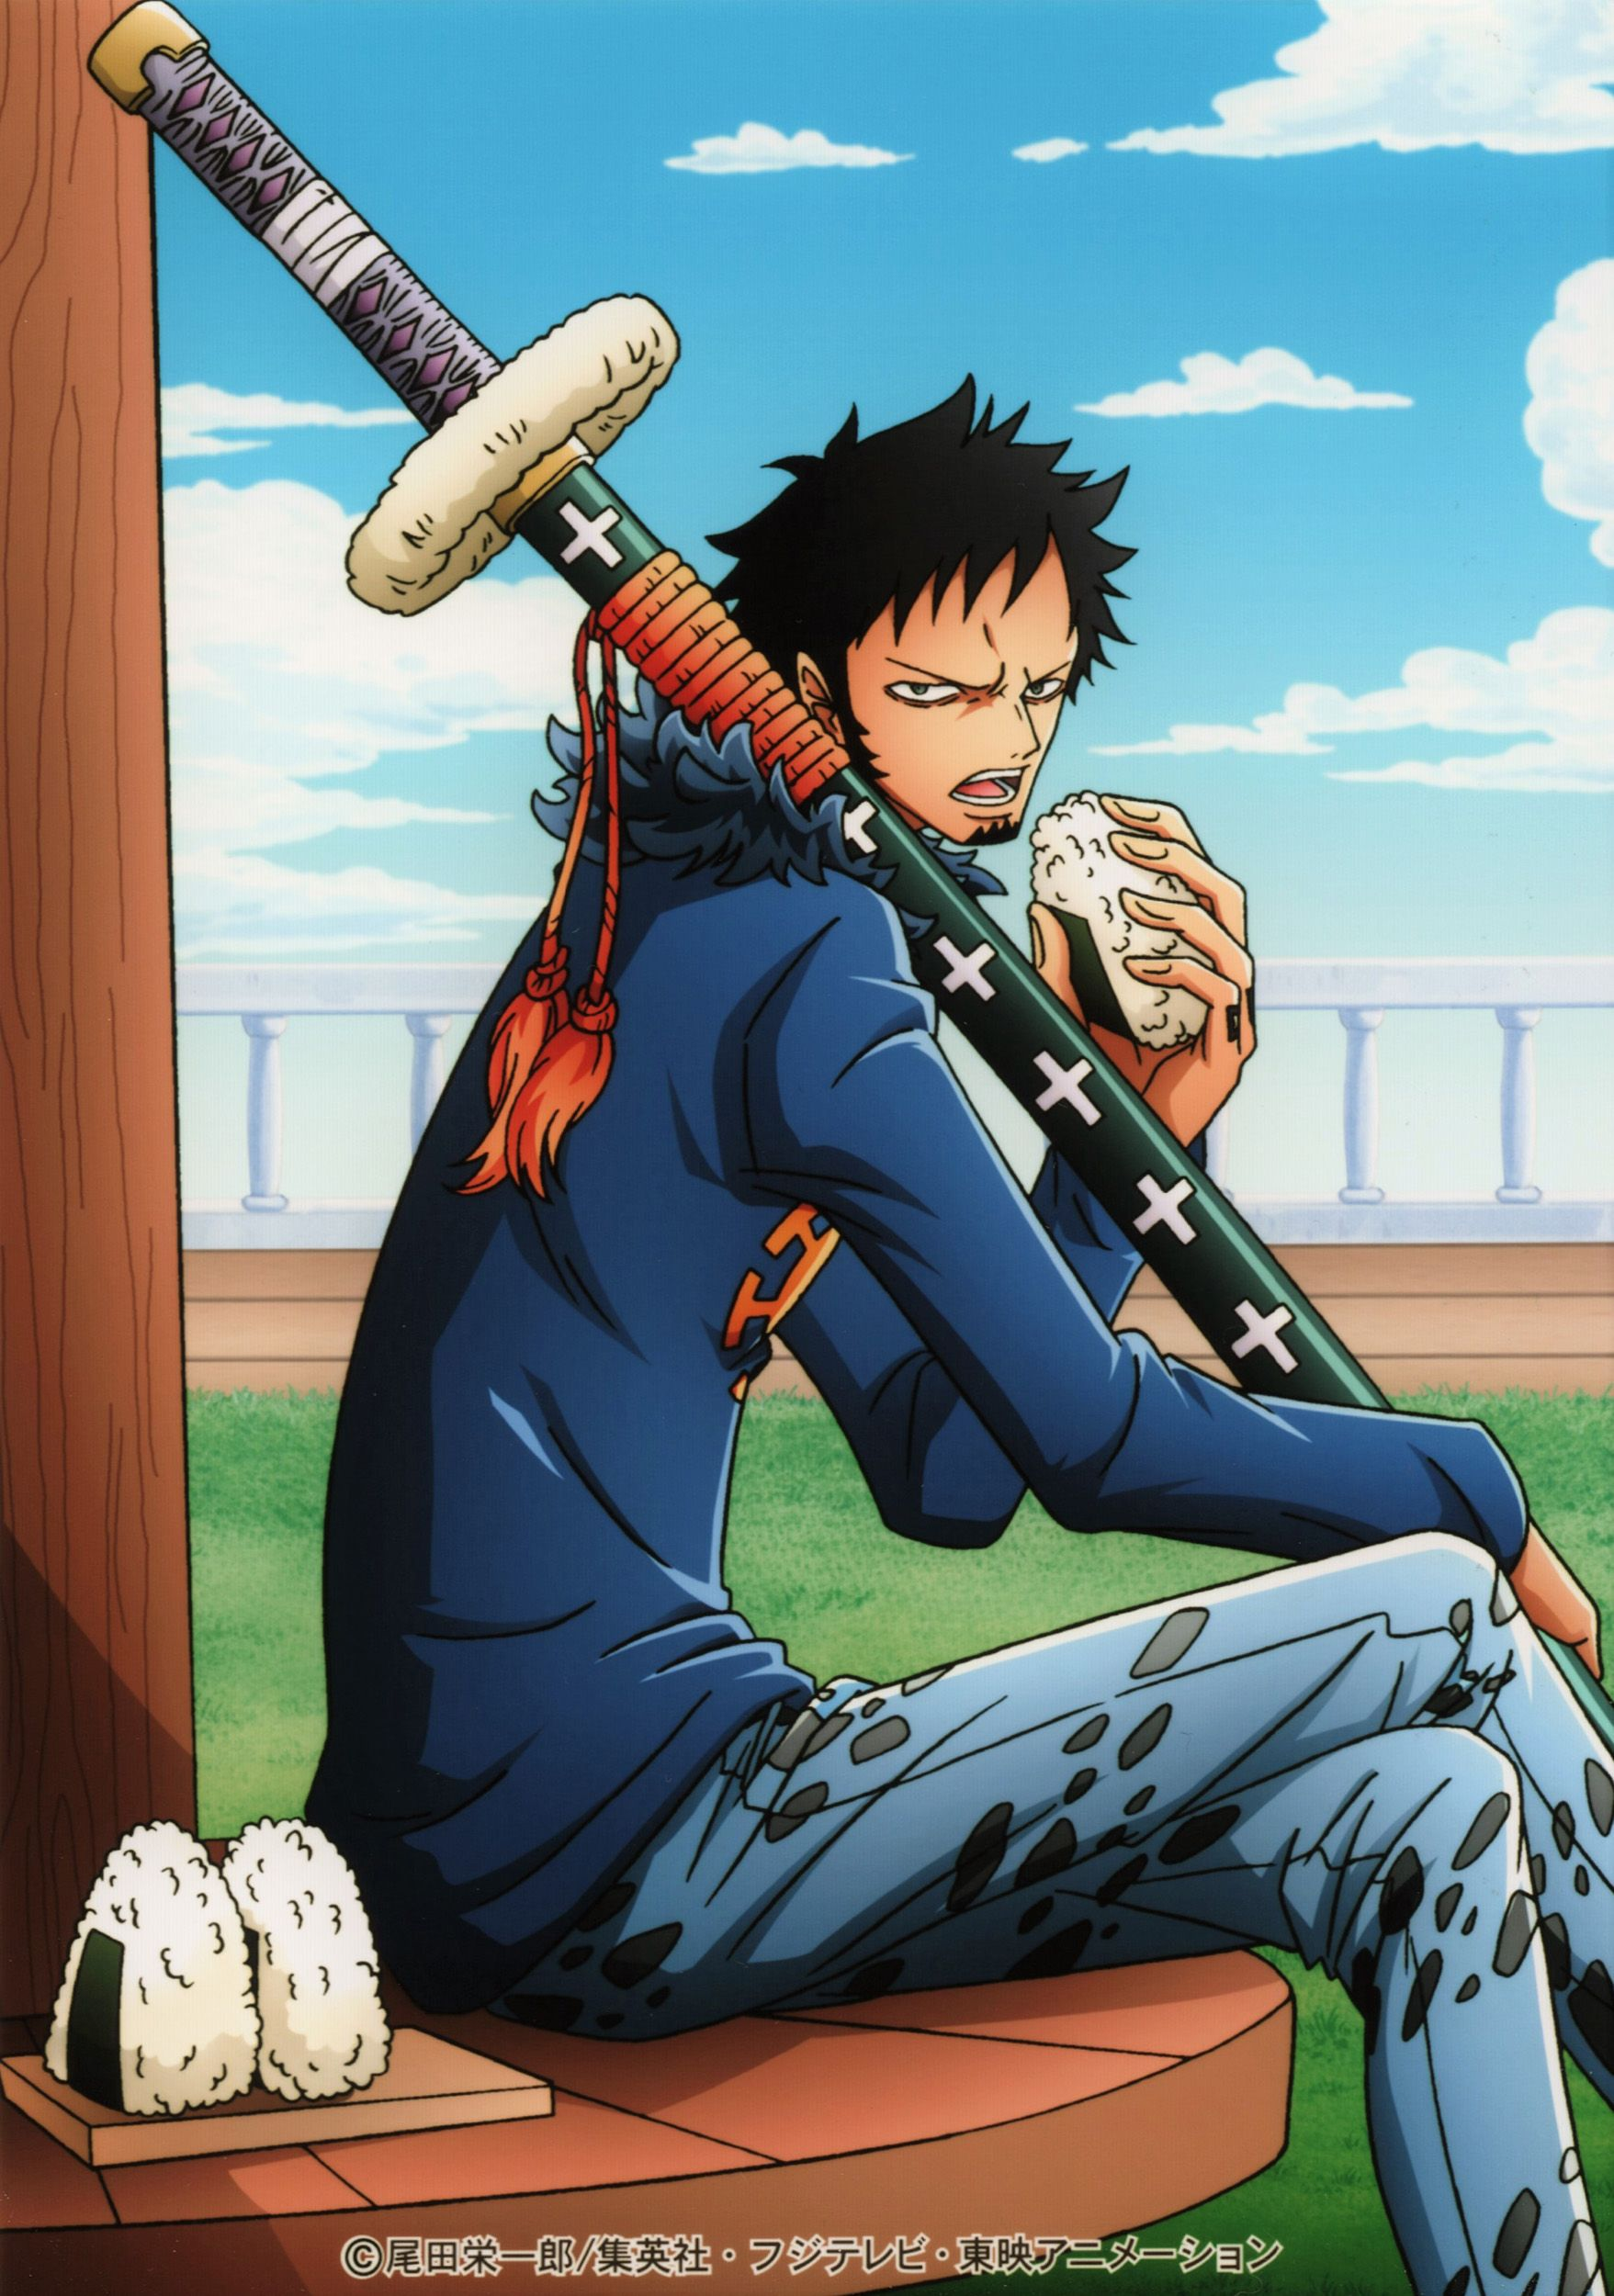 Download One Piece 1757x2500 Dessin Manga 365 Dessins Kawaii Image De One Piece